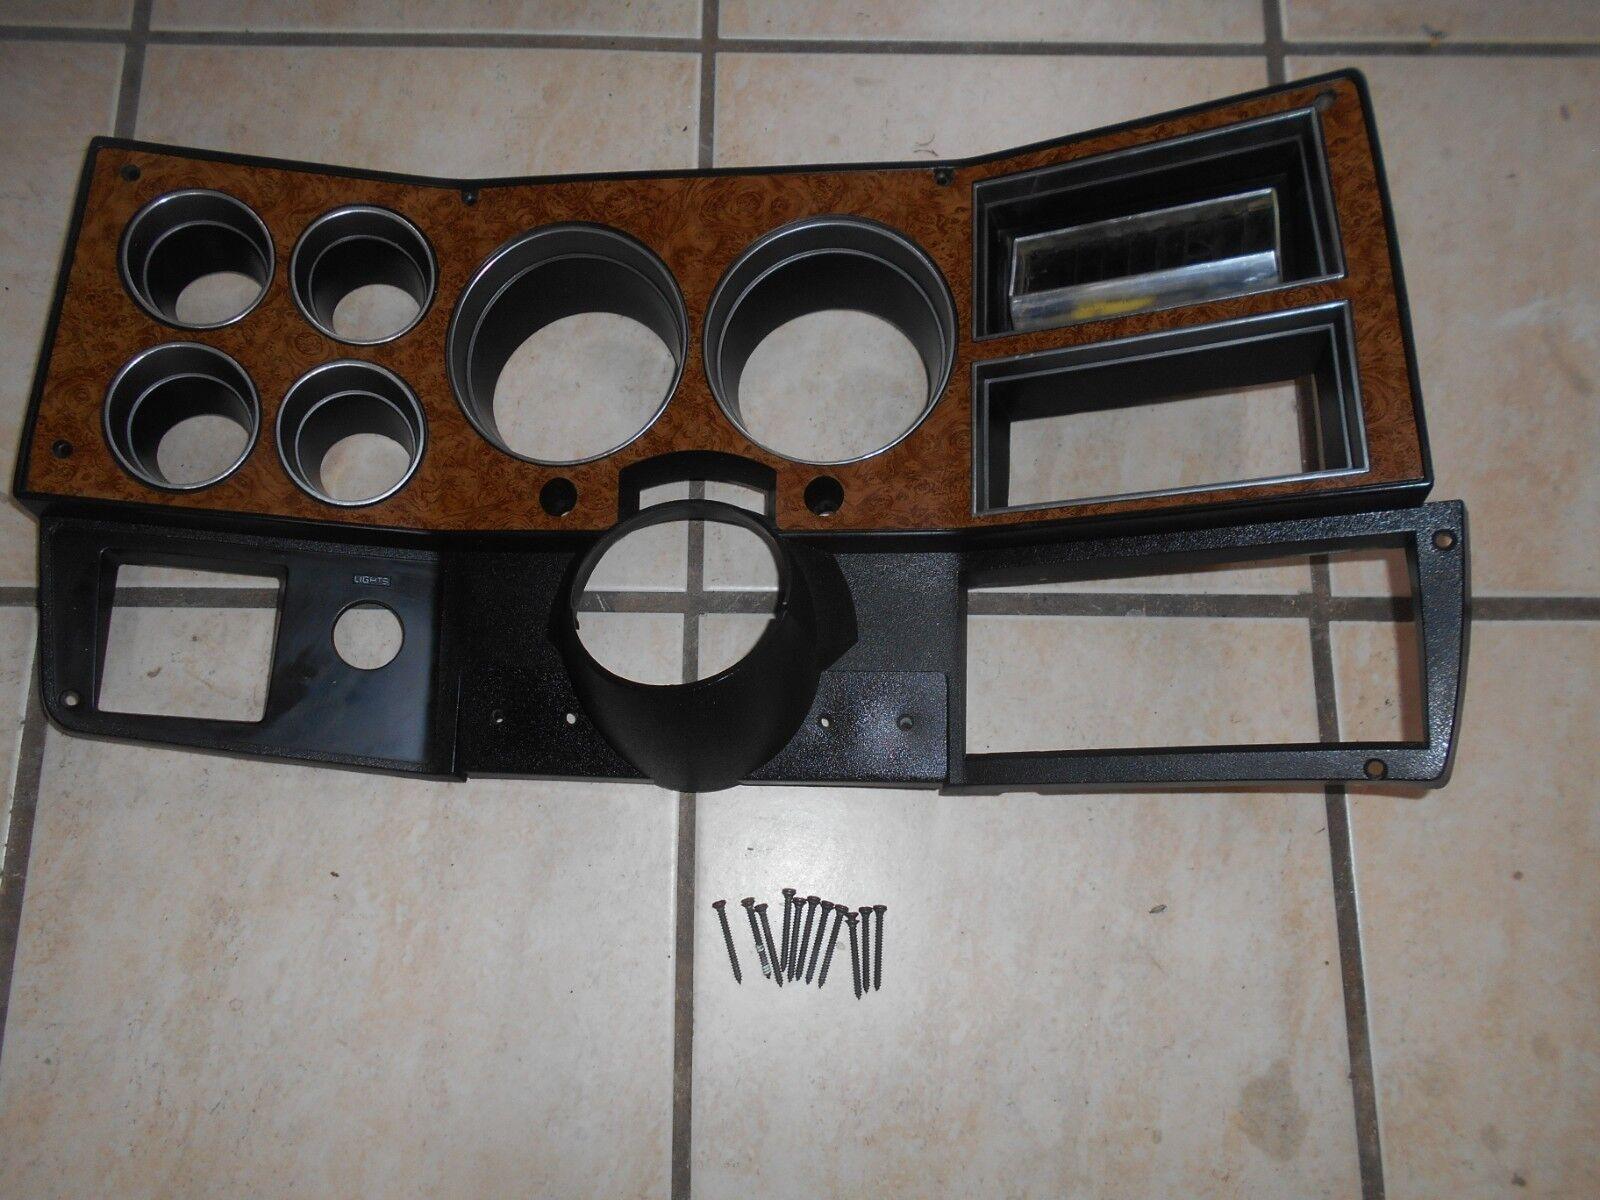 1997 silverado fuse box, for 1994 chevy cavalier fuse box, 84 ford f150 fuse box, on 84 chevy s10 fuse box